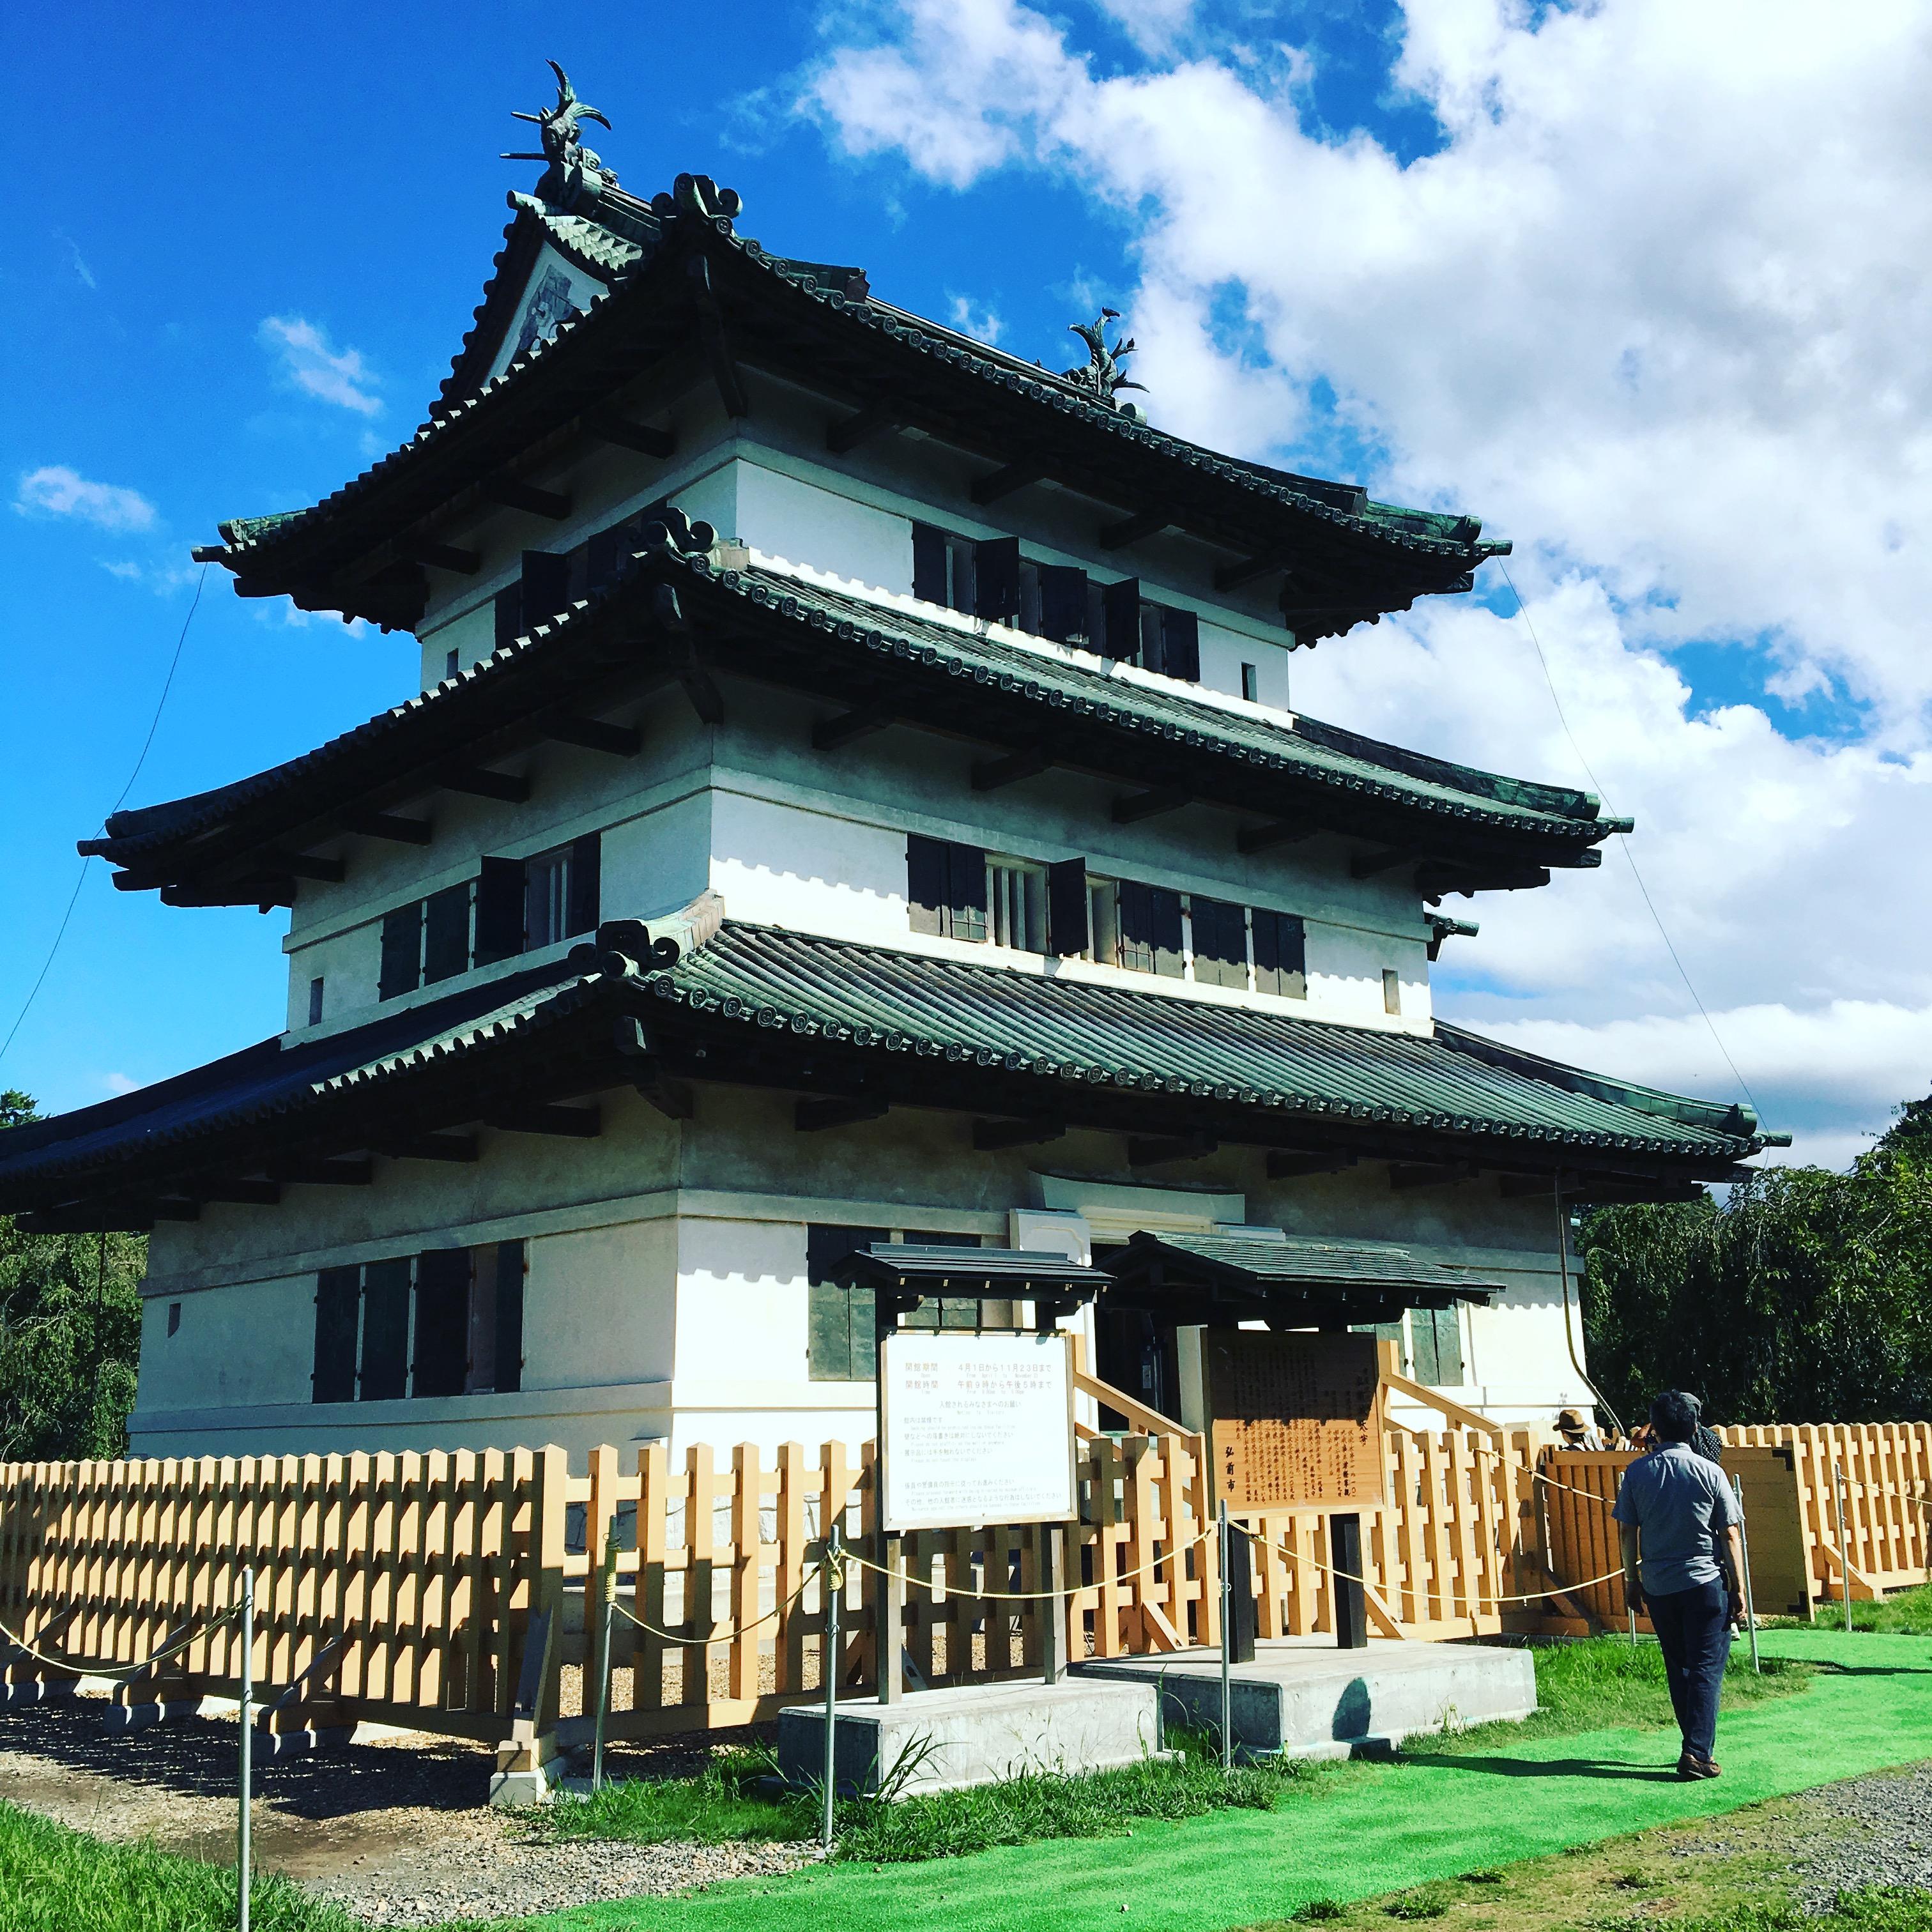 【重要文化財】弘前城の漆喰壁を見に青森まで行ってみた。